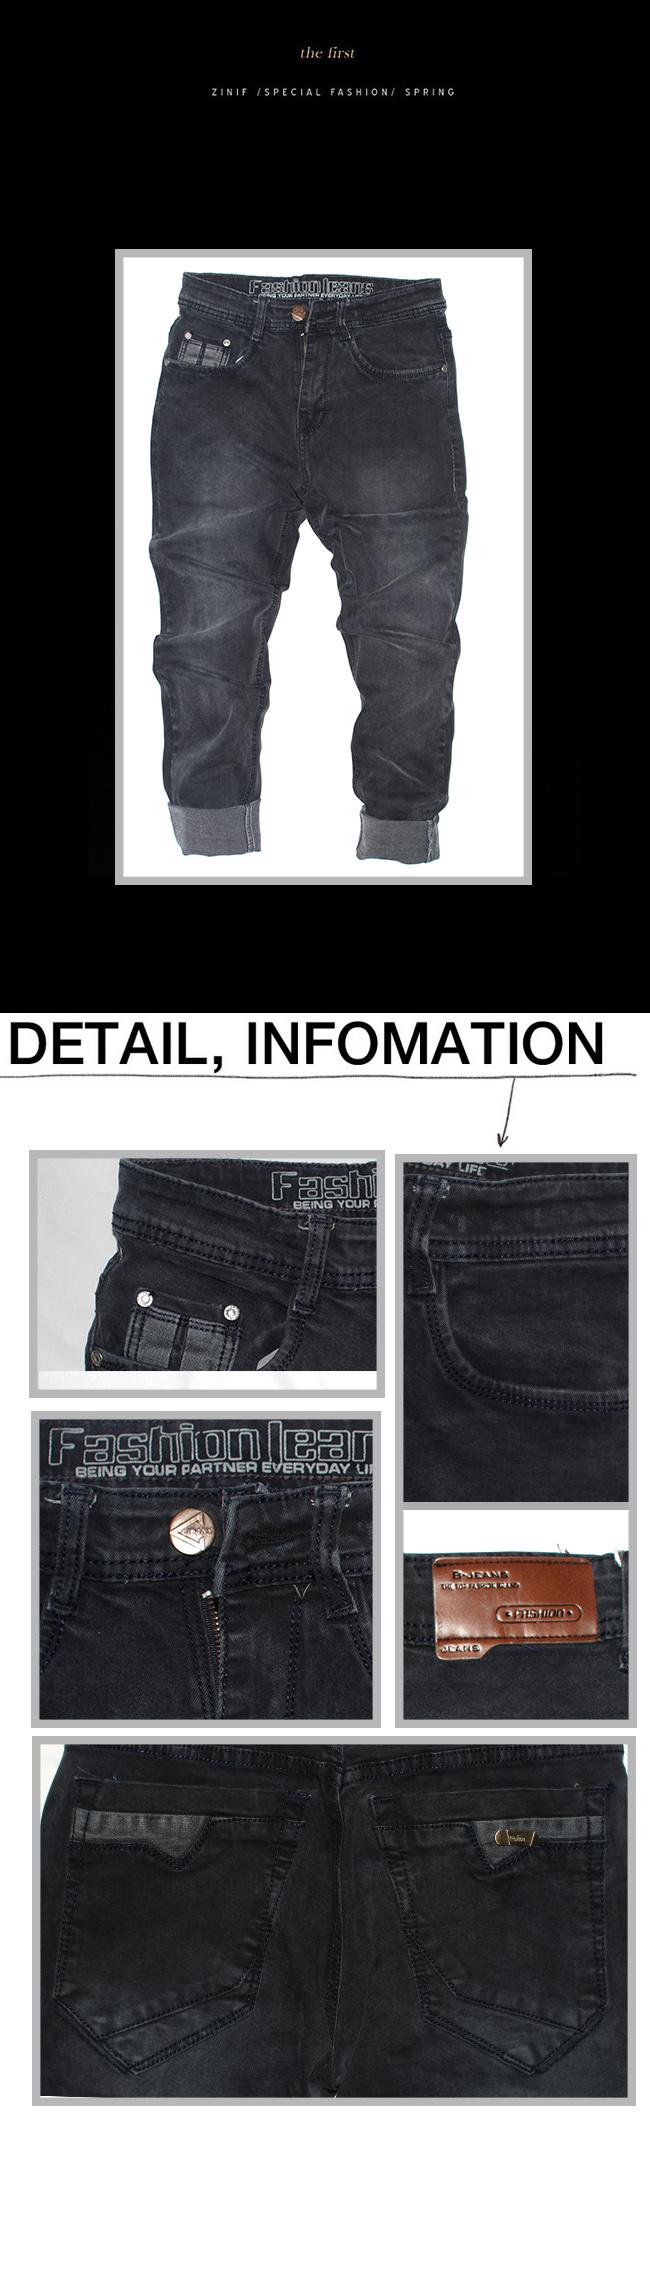 Quần jean xanh đen qj1103-2 - 1